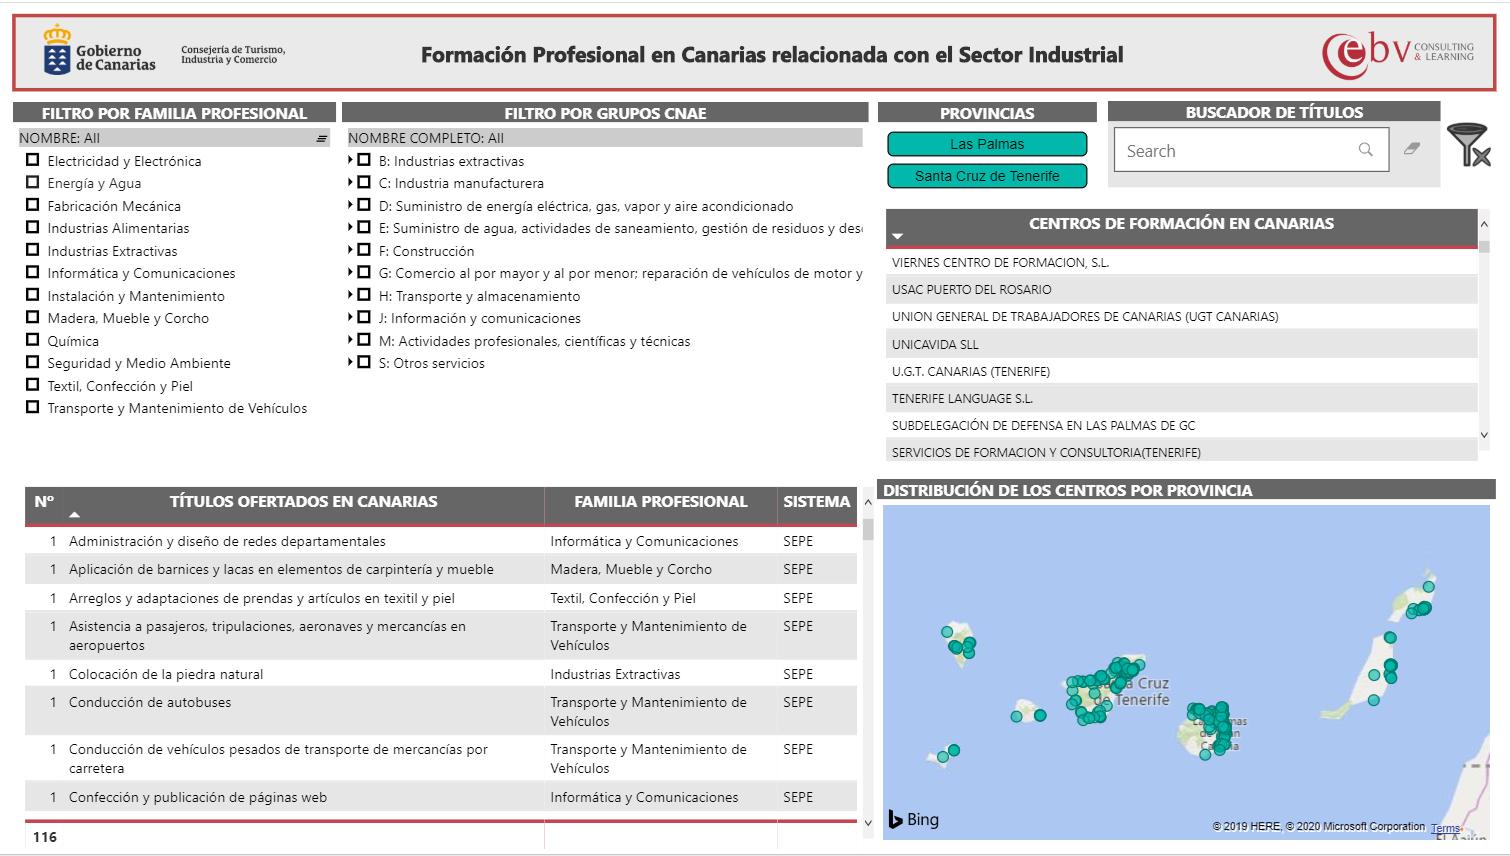 06022020 Guia de Formación Profesional en Canarias relacionada con el Sector Industrial